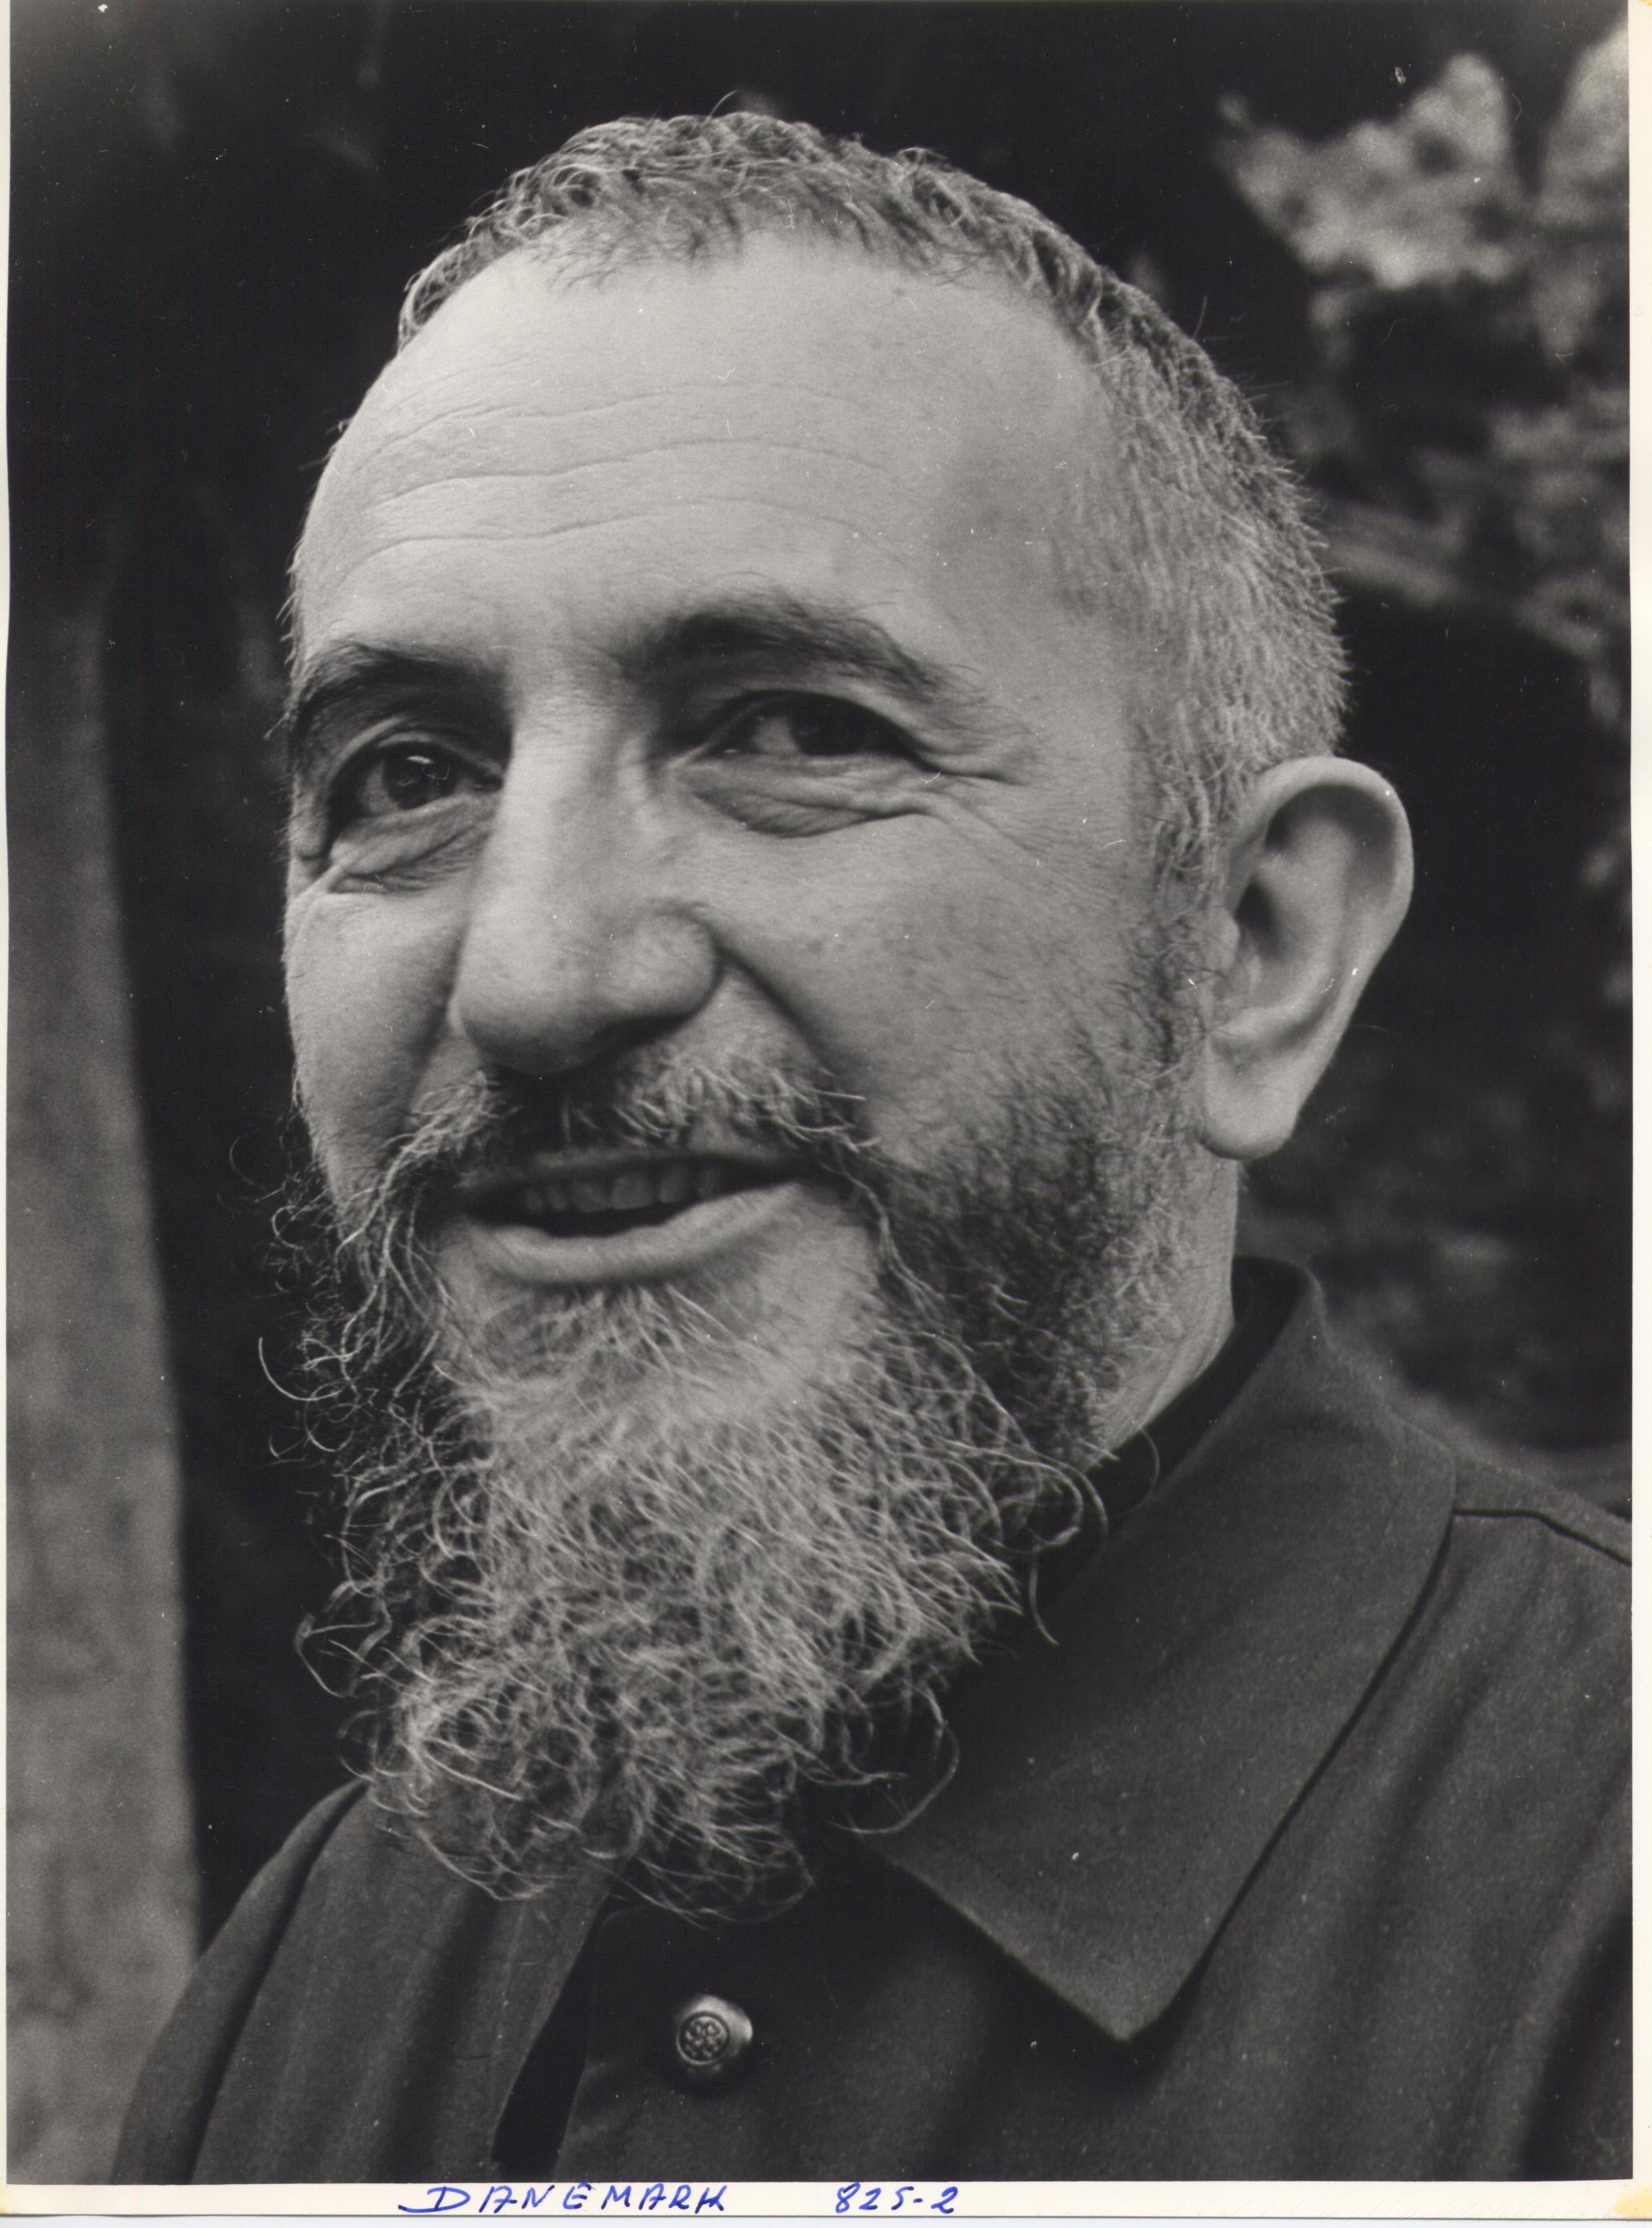 Populaire Biographie de l'abbé Pierre | Centre abbé Pierre Emmaüs – Esteville GM15